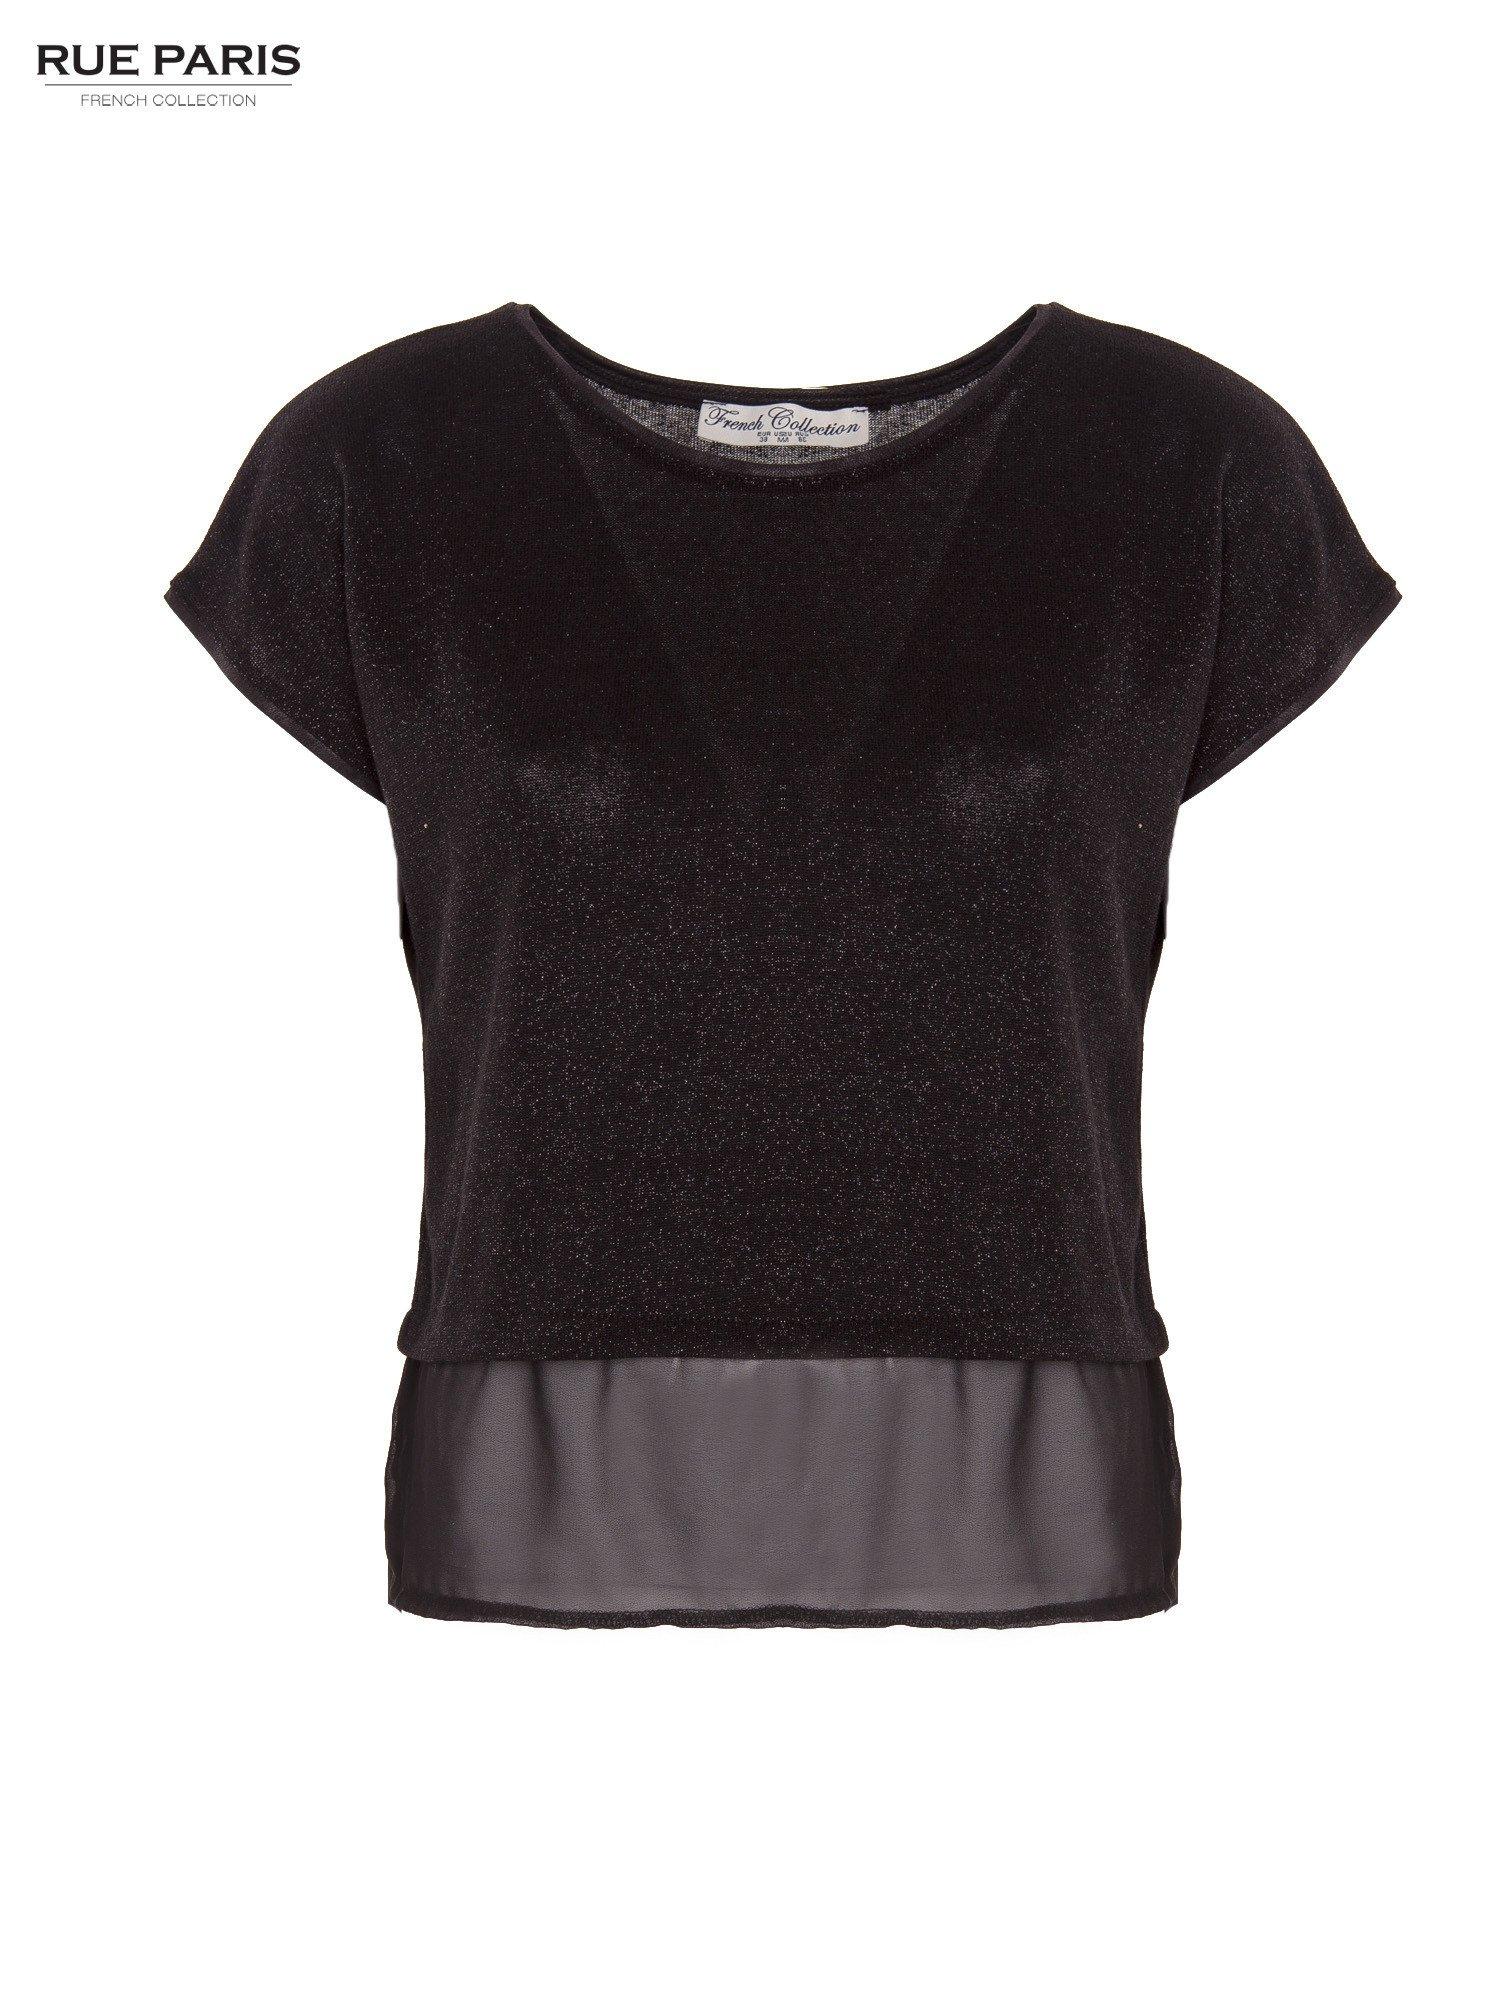 T-shirt z łączonych materiałów z dłuższym tyłem-mgiełką                                  zdj.                                  1